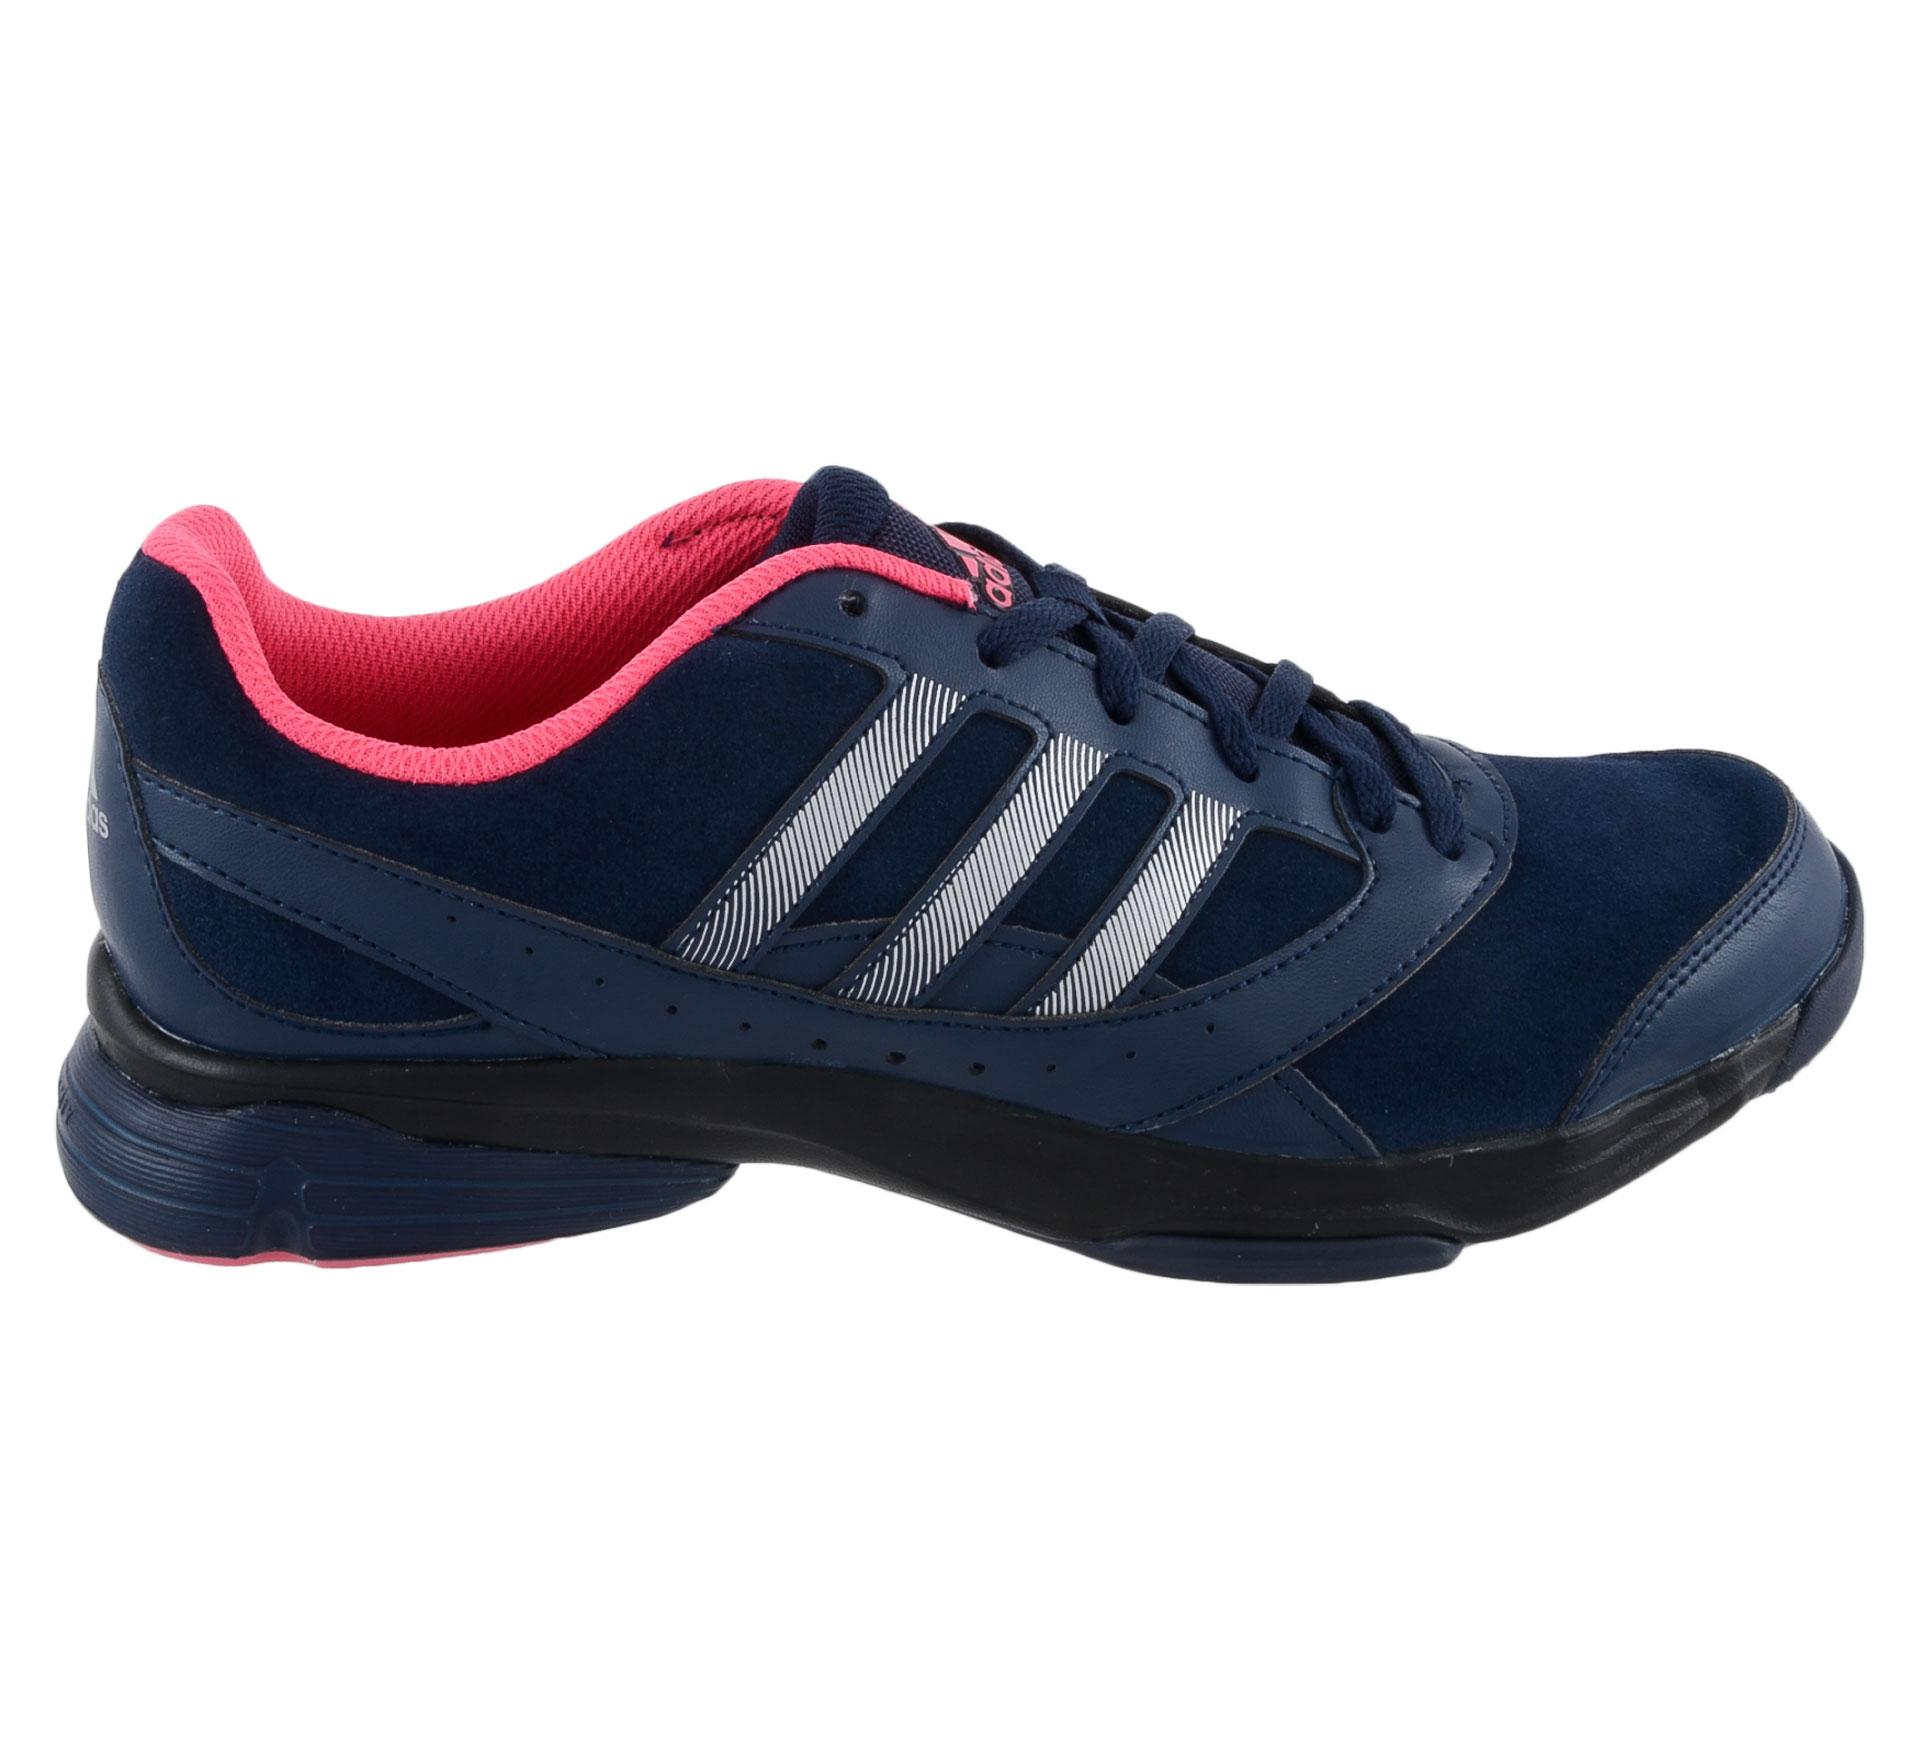 Adidas Arianna II Fitnessschoenen Dames navy - zilver - roze